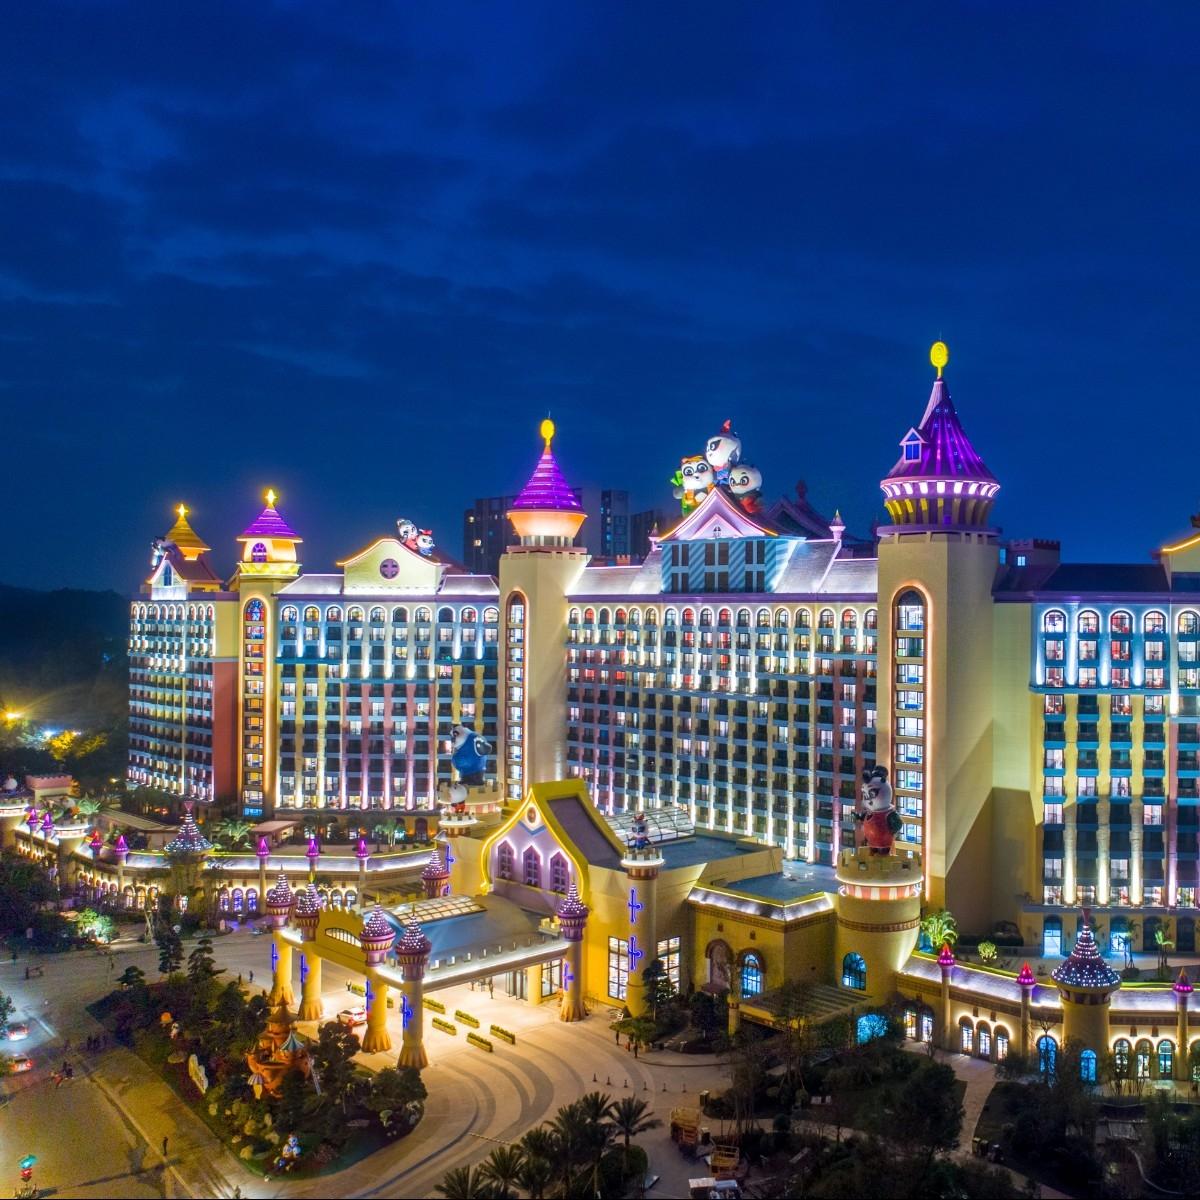 广州长隆酒店/长隆熊猫酒店 帅帅/高级房1晚(含双人欢乐世界2日票)